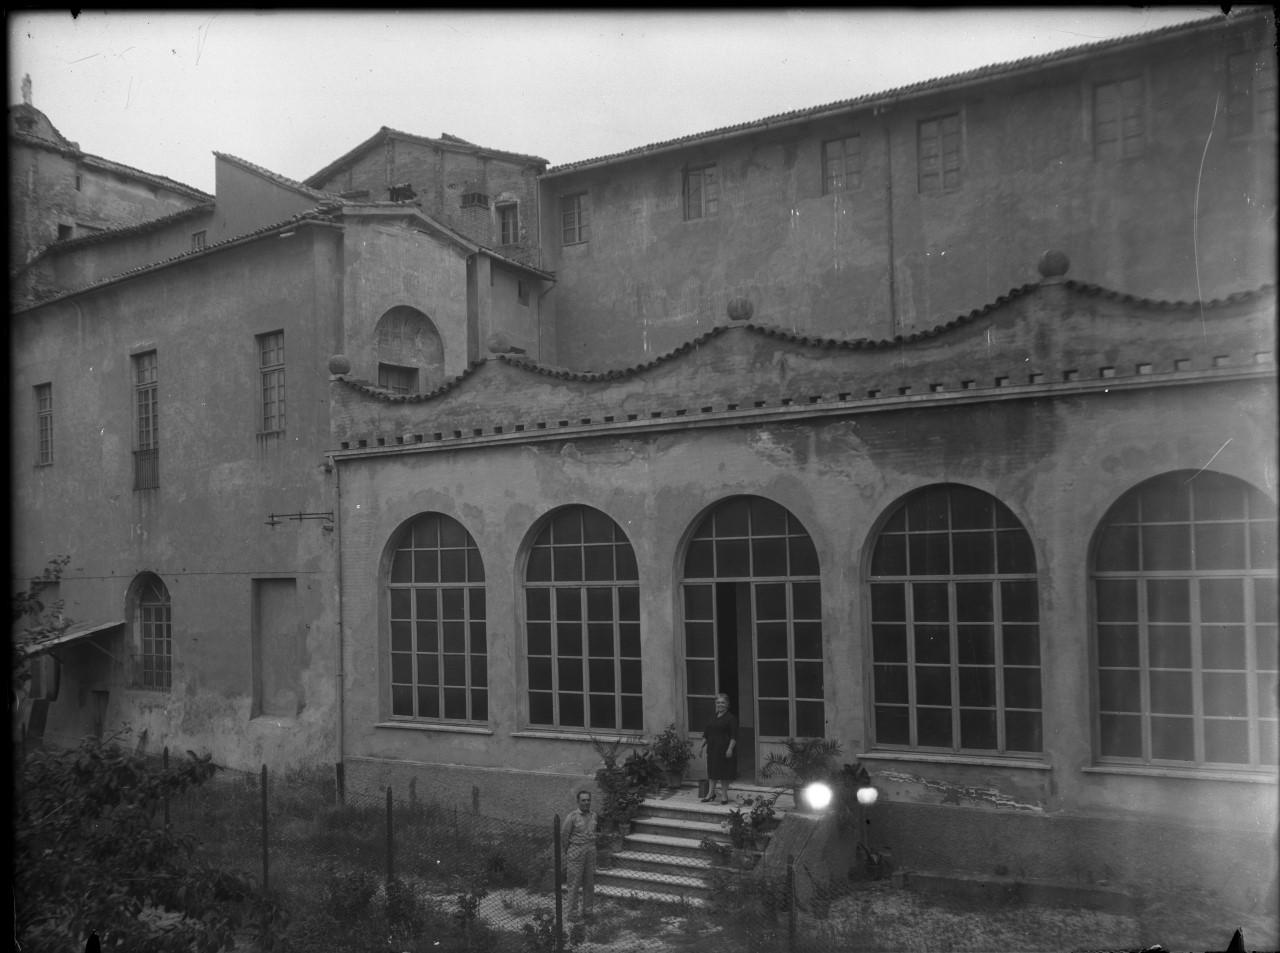 Sassuolo - Palazzo Ducale - Cortile d'onore (negativo, serie) di Goldoni, Antonio, Avanzini, Bartolomeo, Raggi, Antonio, Maschio, Lattanzio, Bosellini, Ludovico (XX)